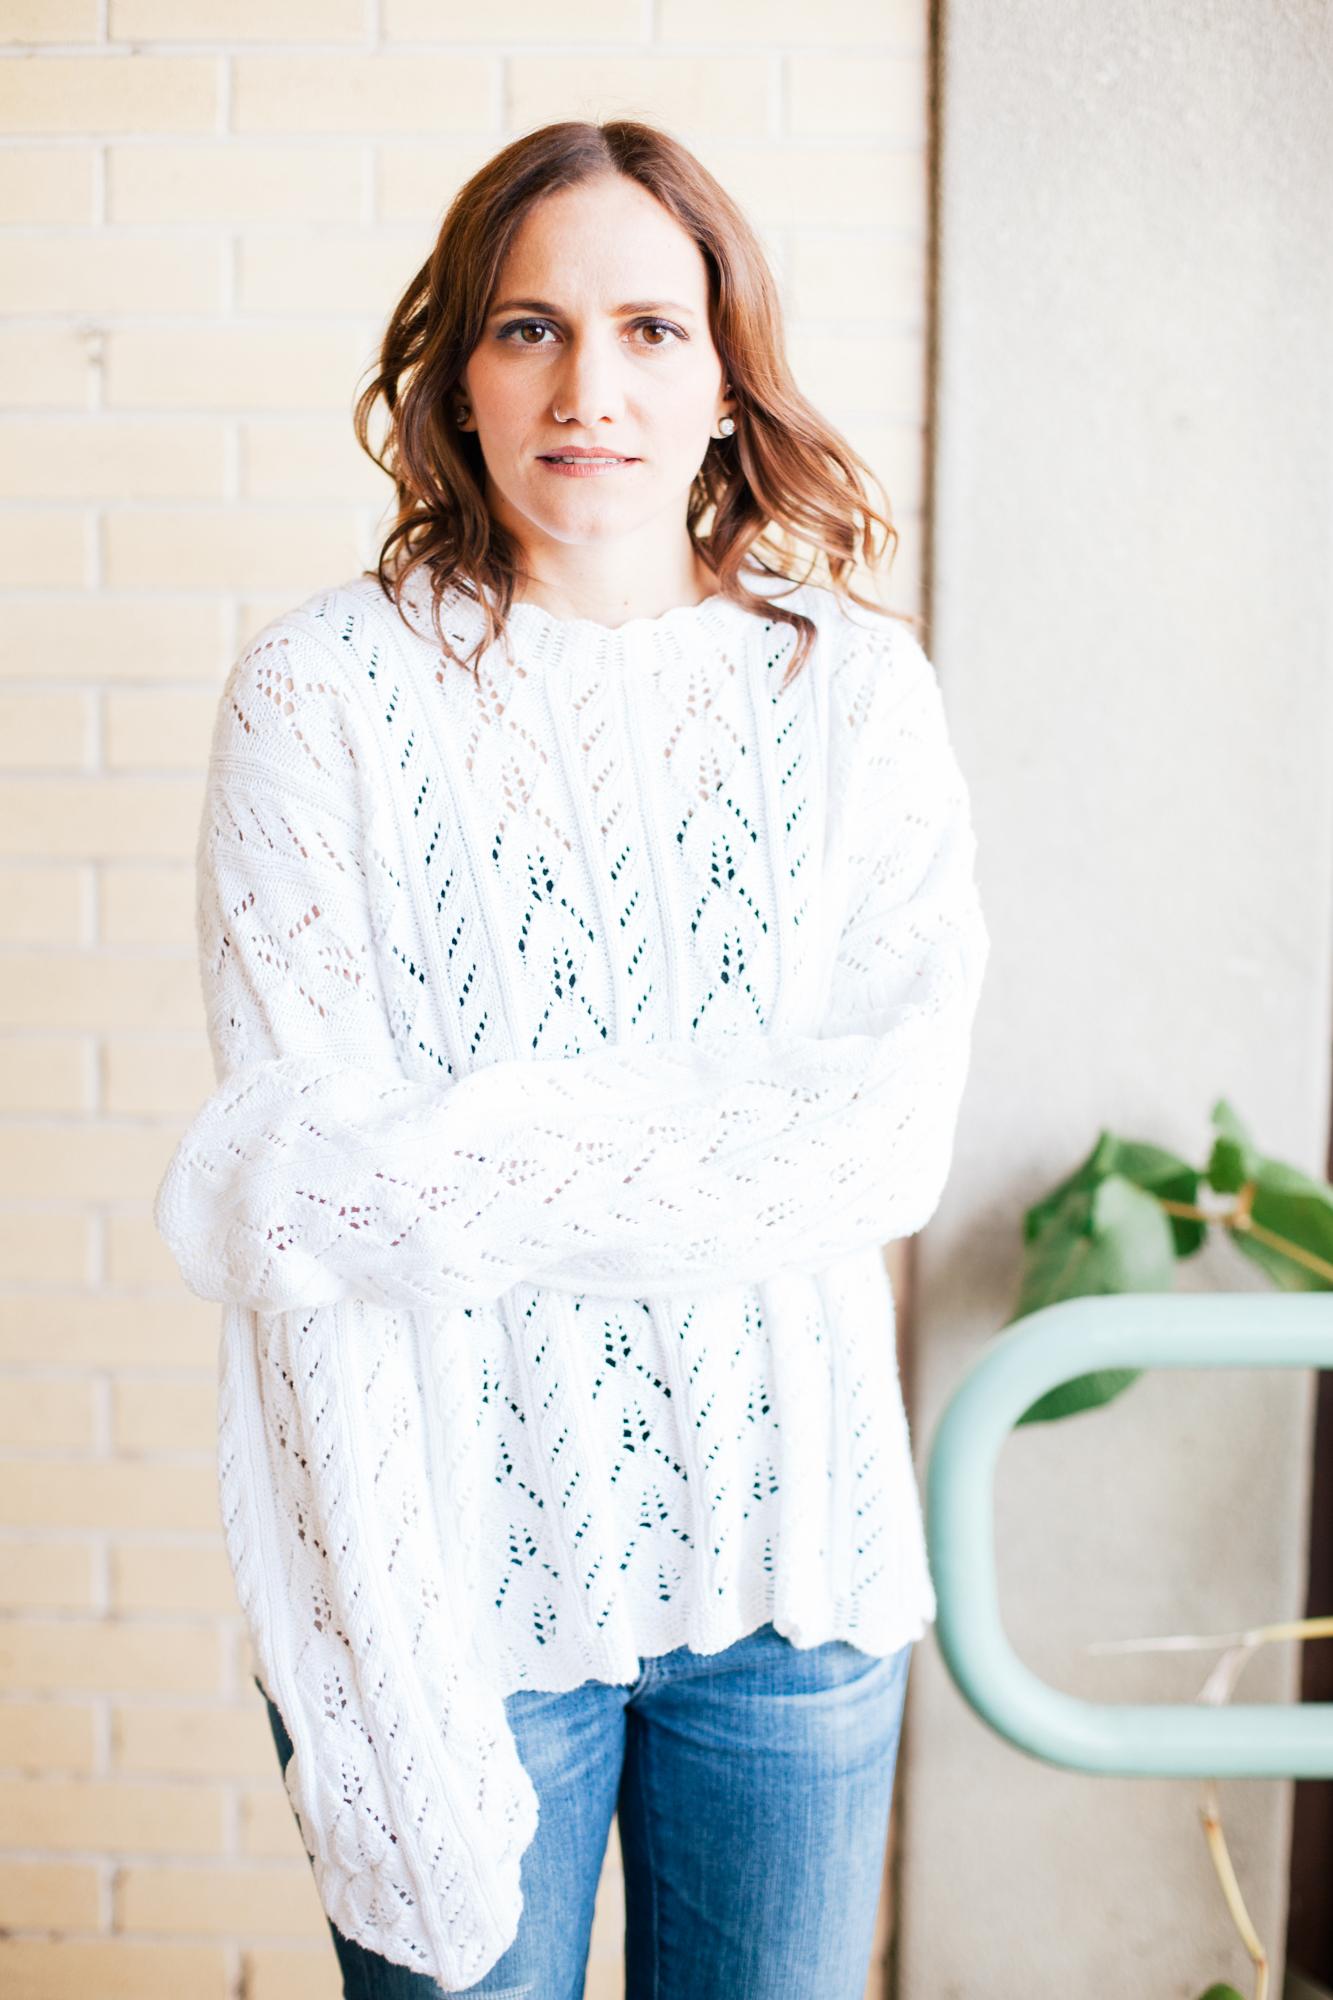 whitesweaterwarbyparkerglasses-11